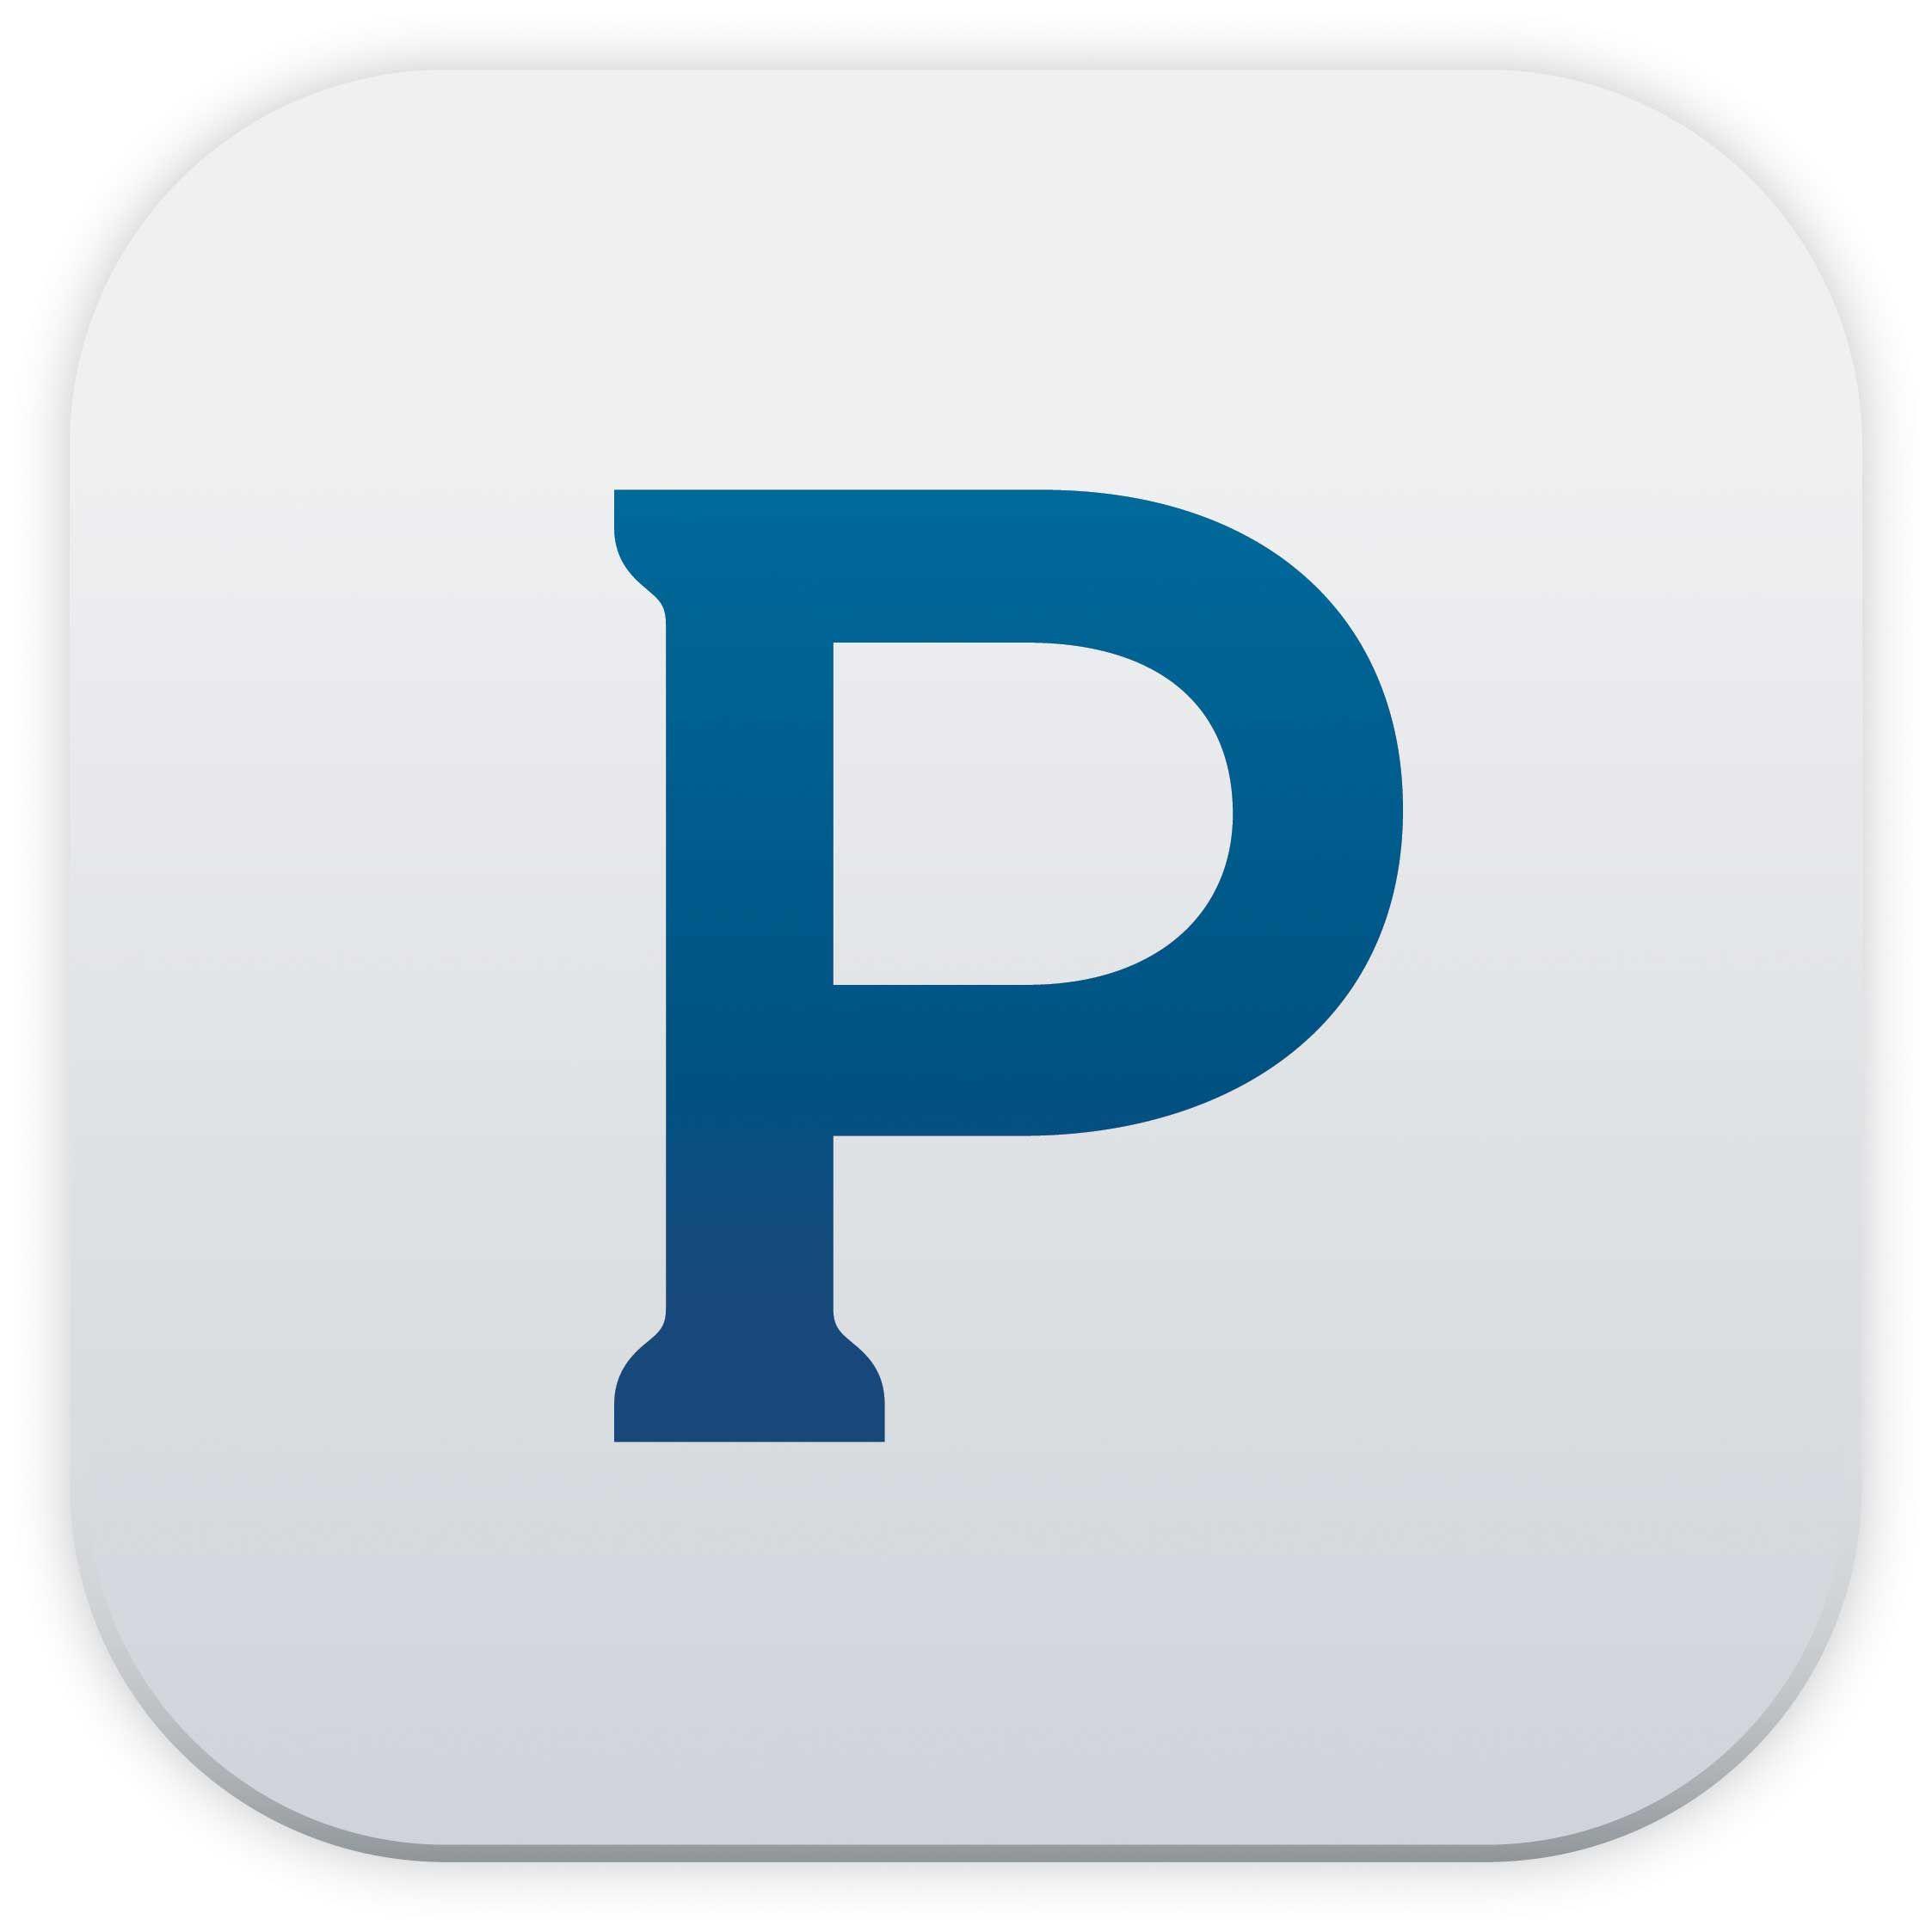 Pandora Icon Pandora Who Opened The Jewelry Box Pandora Radio Radio Music Radio